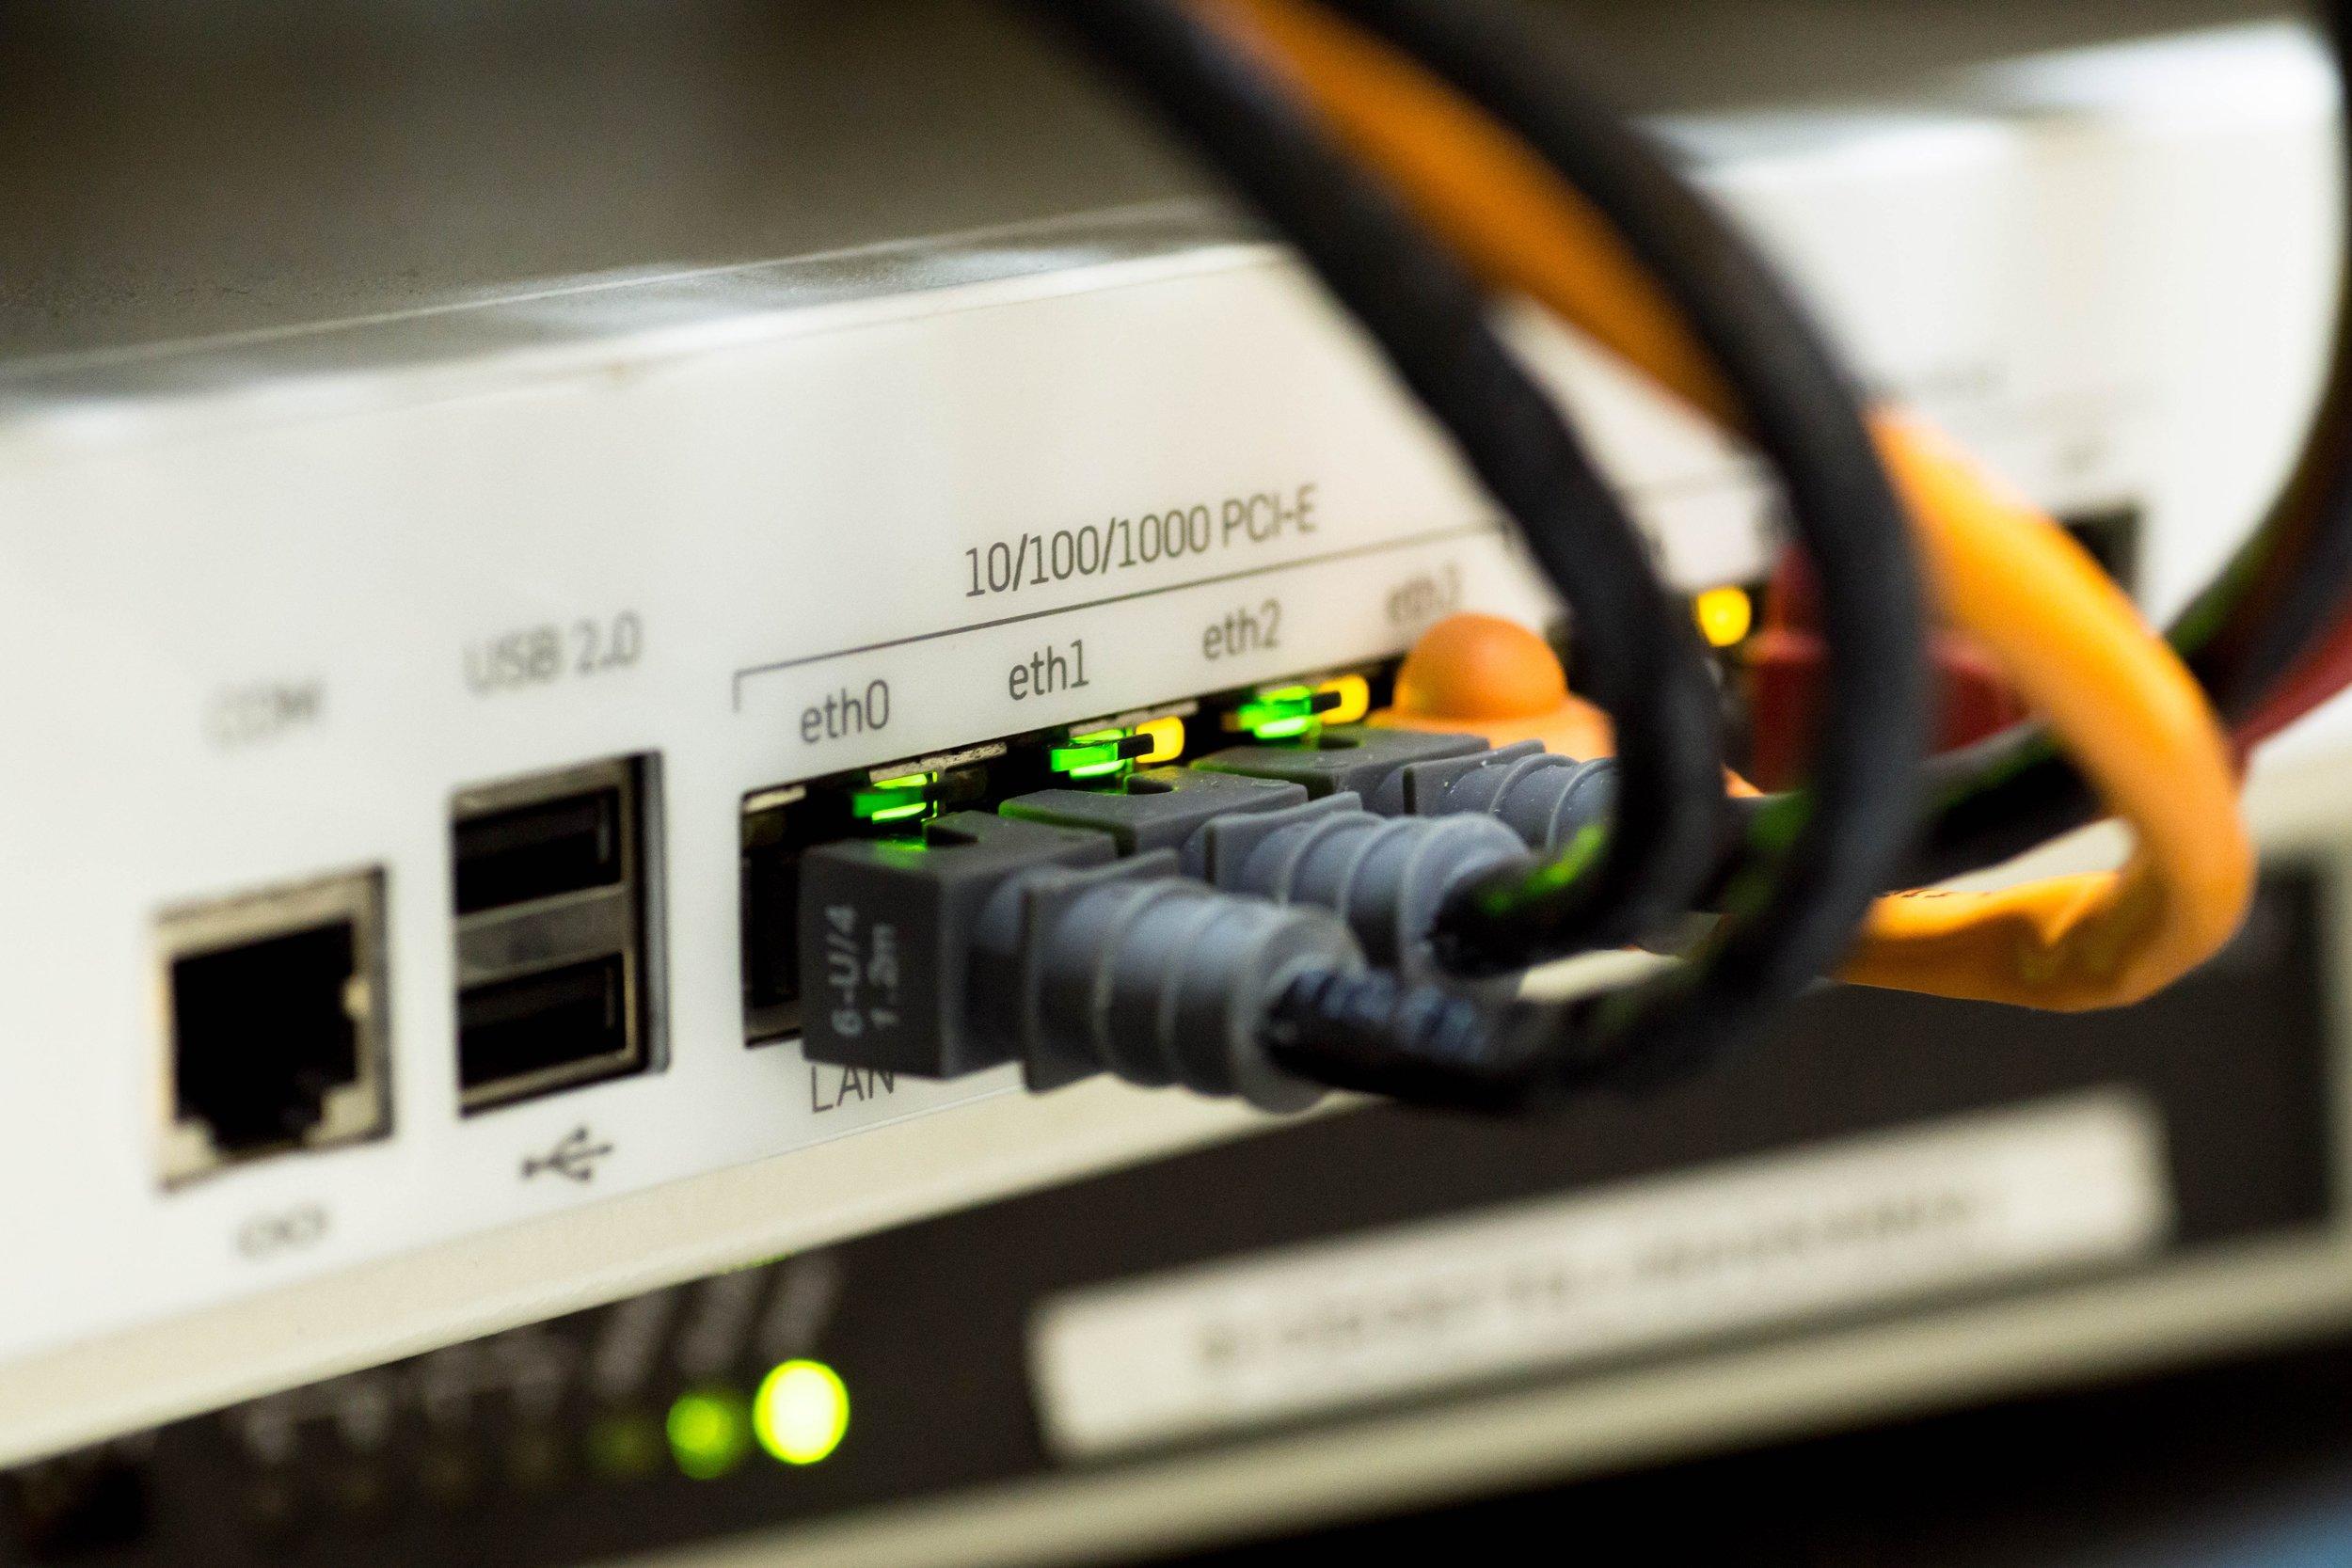 CONNECTIVITY, fibre, fibre business broadband, broadband, mpls, ethernet, 4G LTE